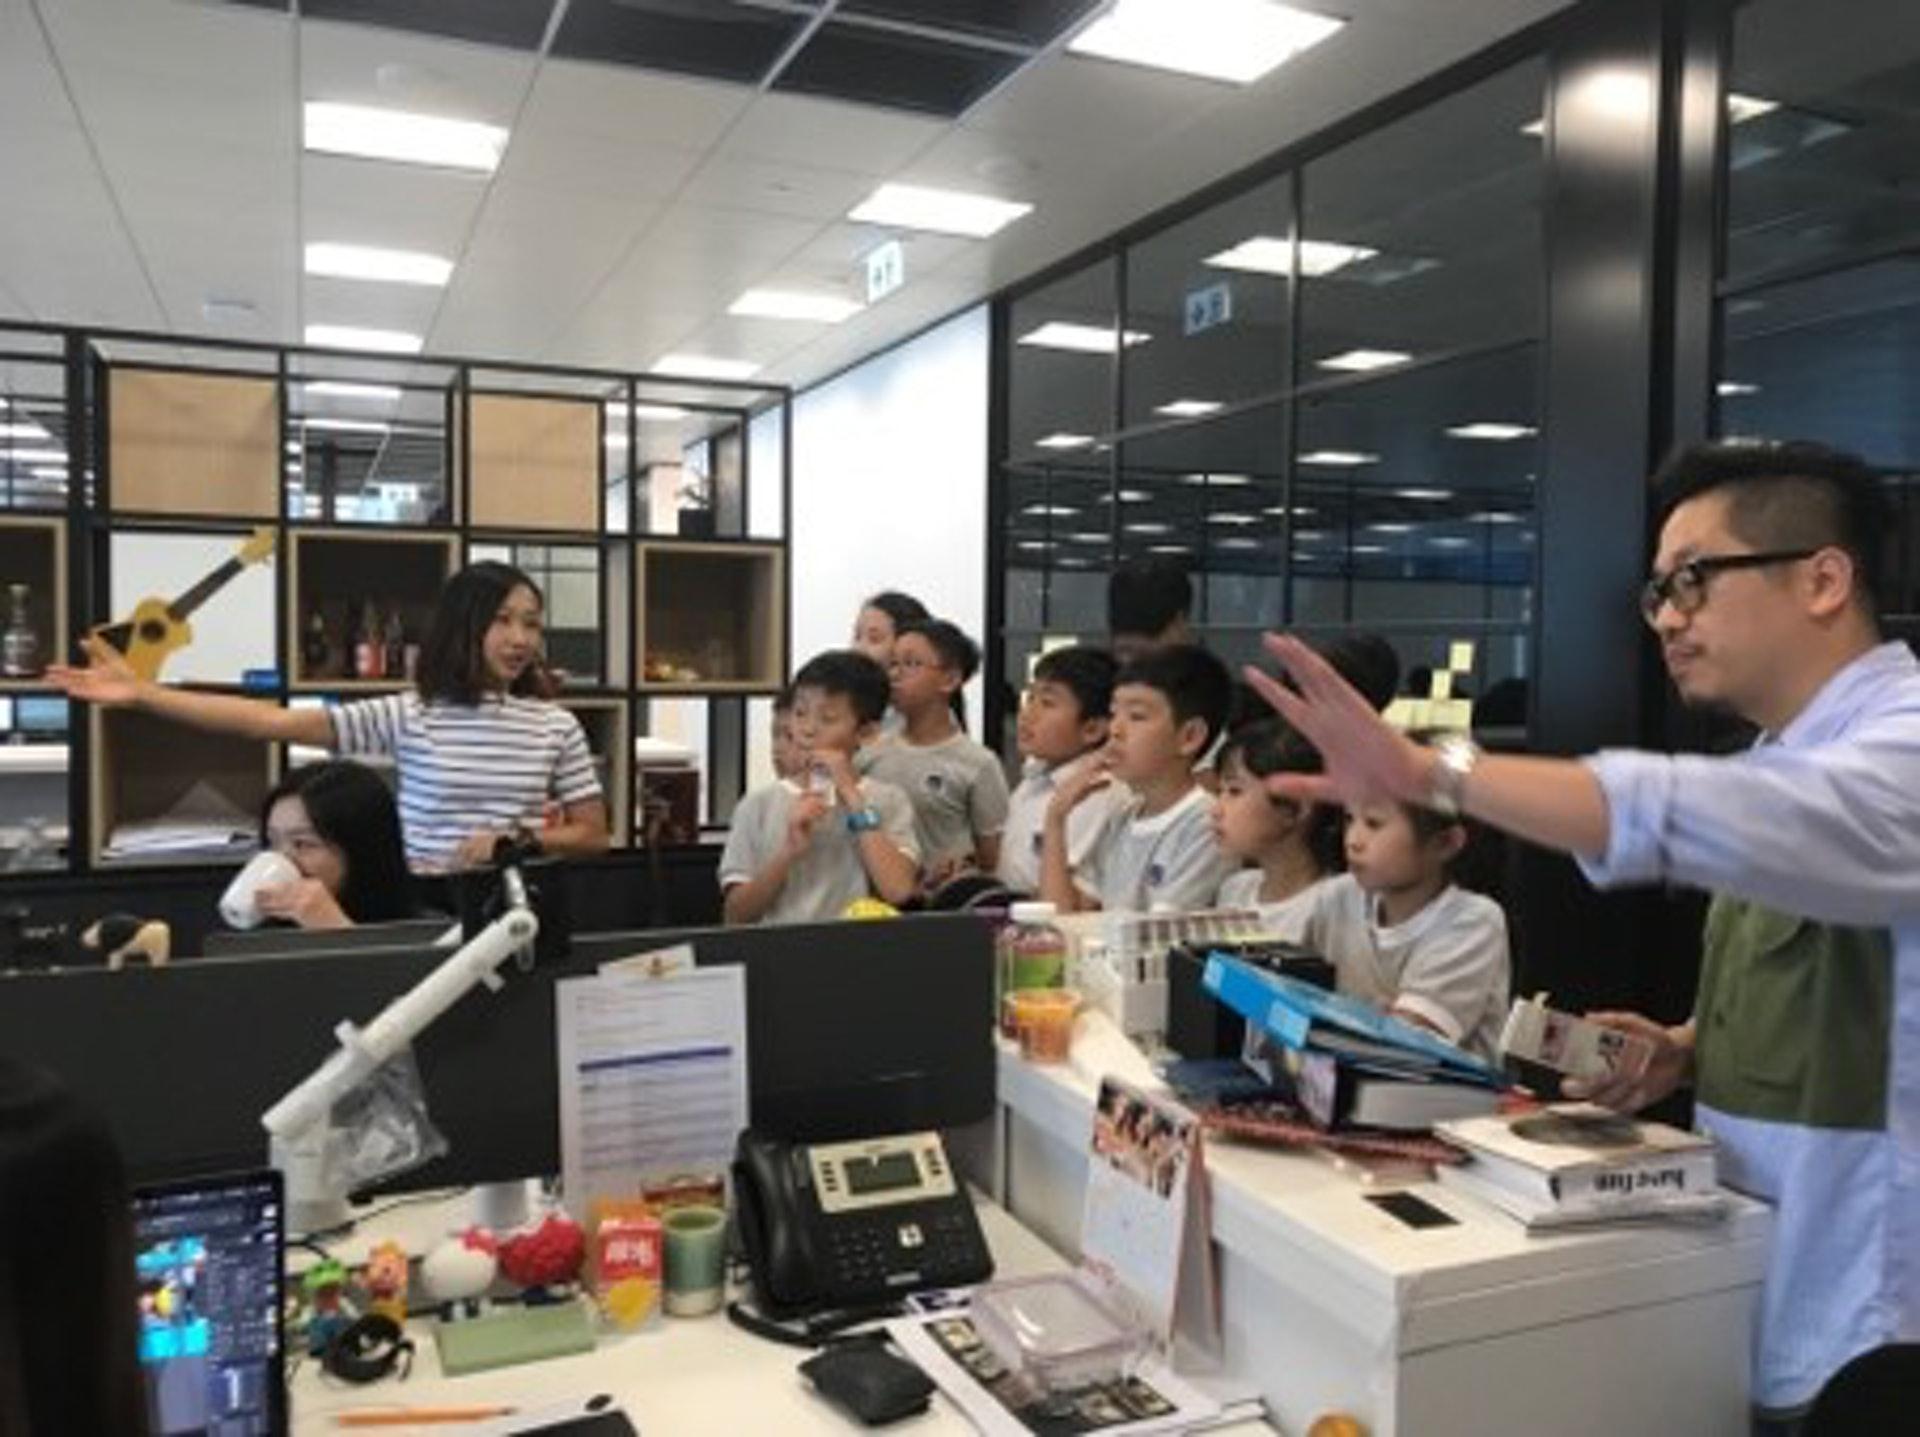 廣告公司人員向學生介紹工作流程及運作,讓小學生也體驗一次真實的工作經驗。(德萃小學圖片)